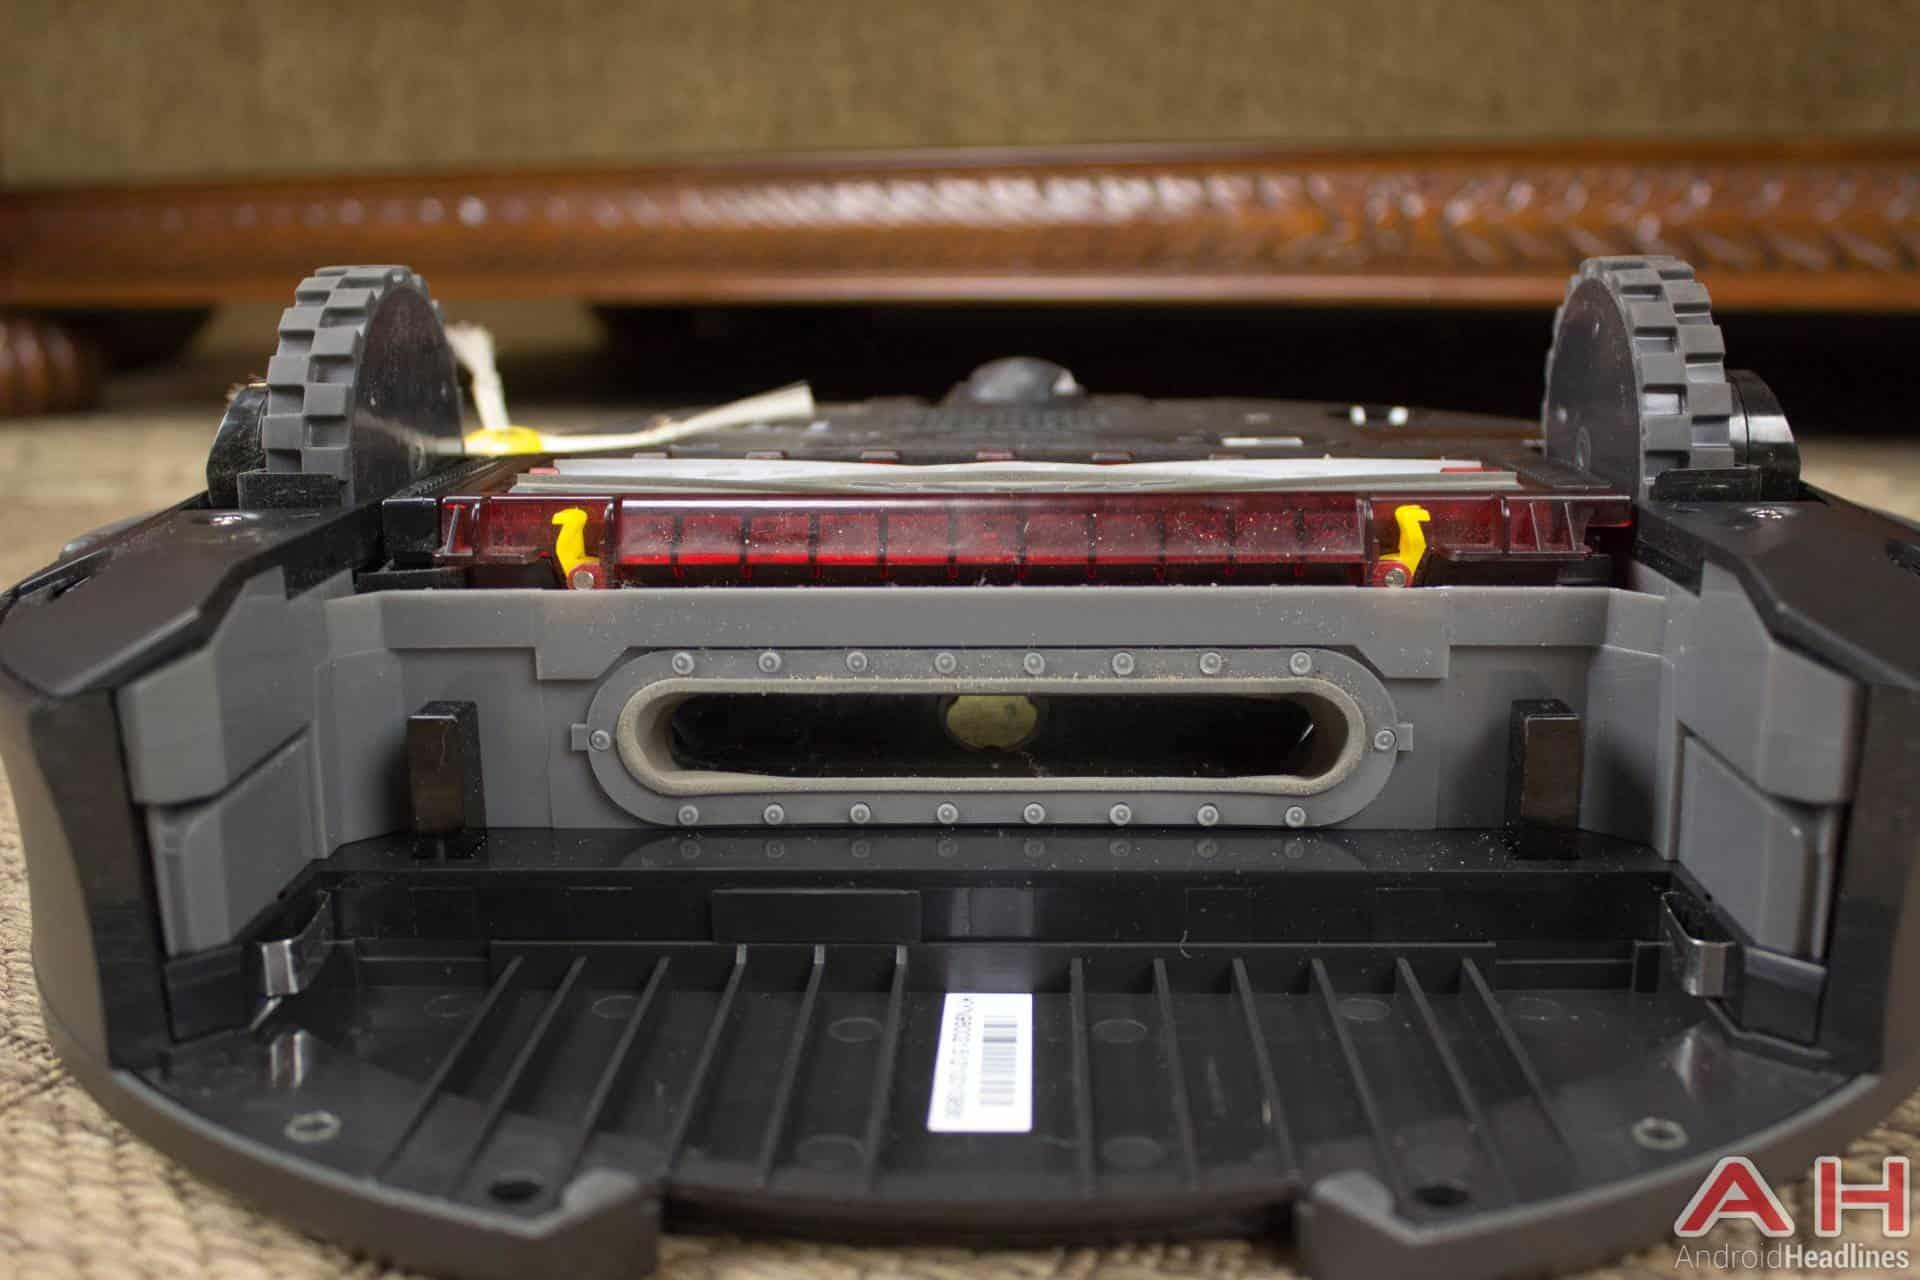 iRobot Roomba 980 AH NS inside